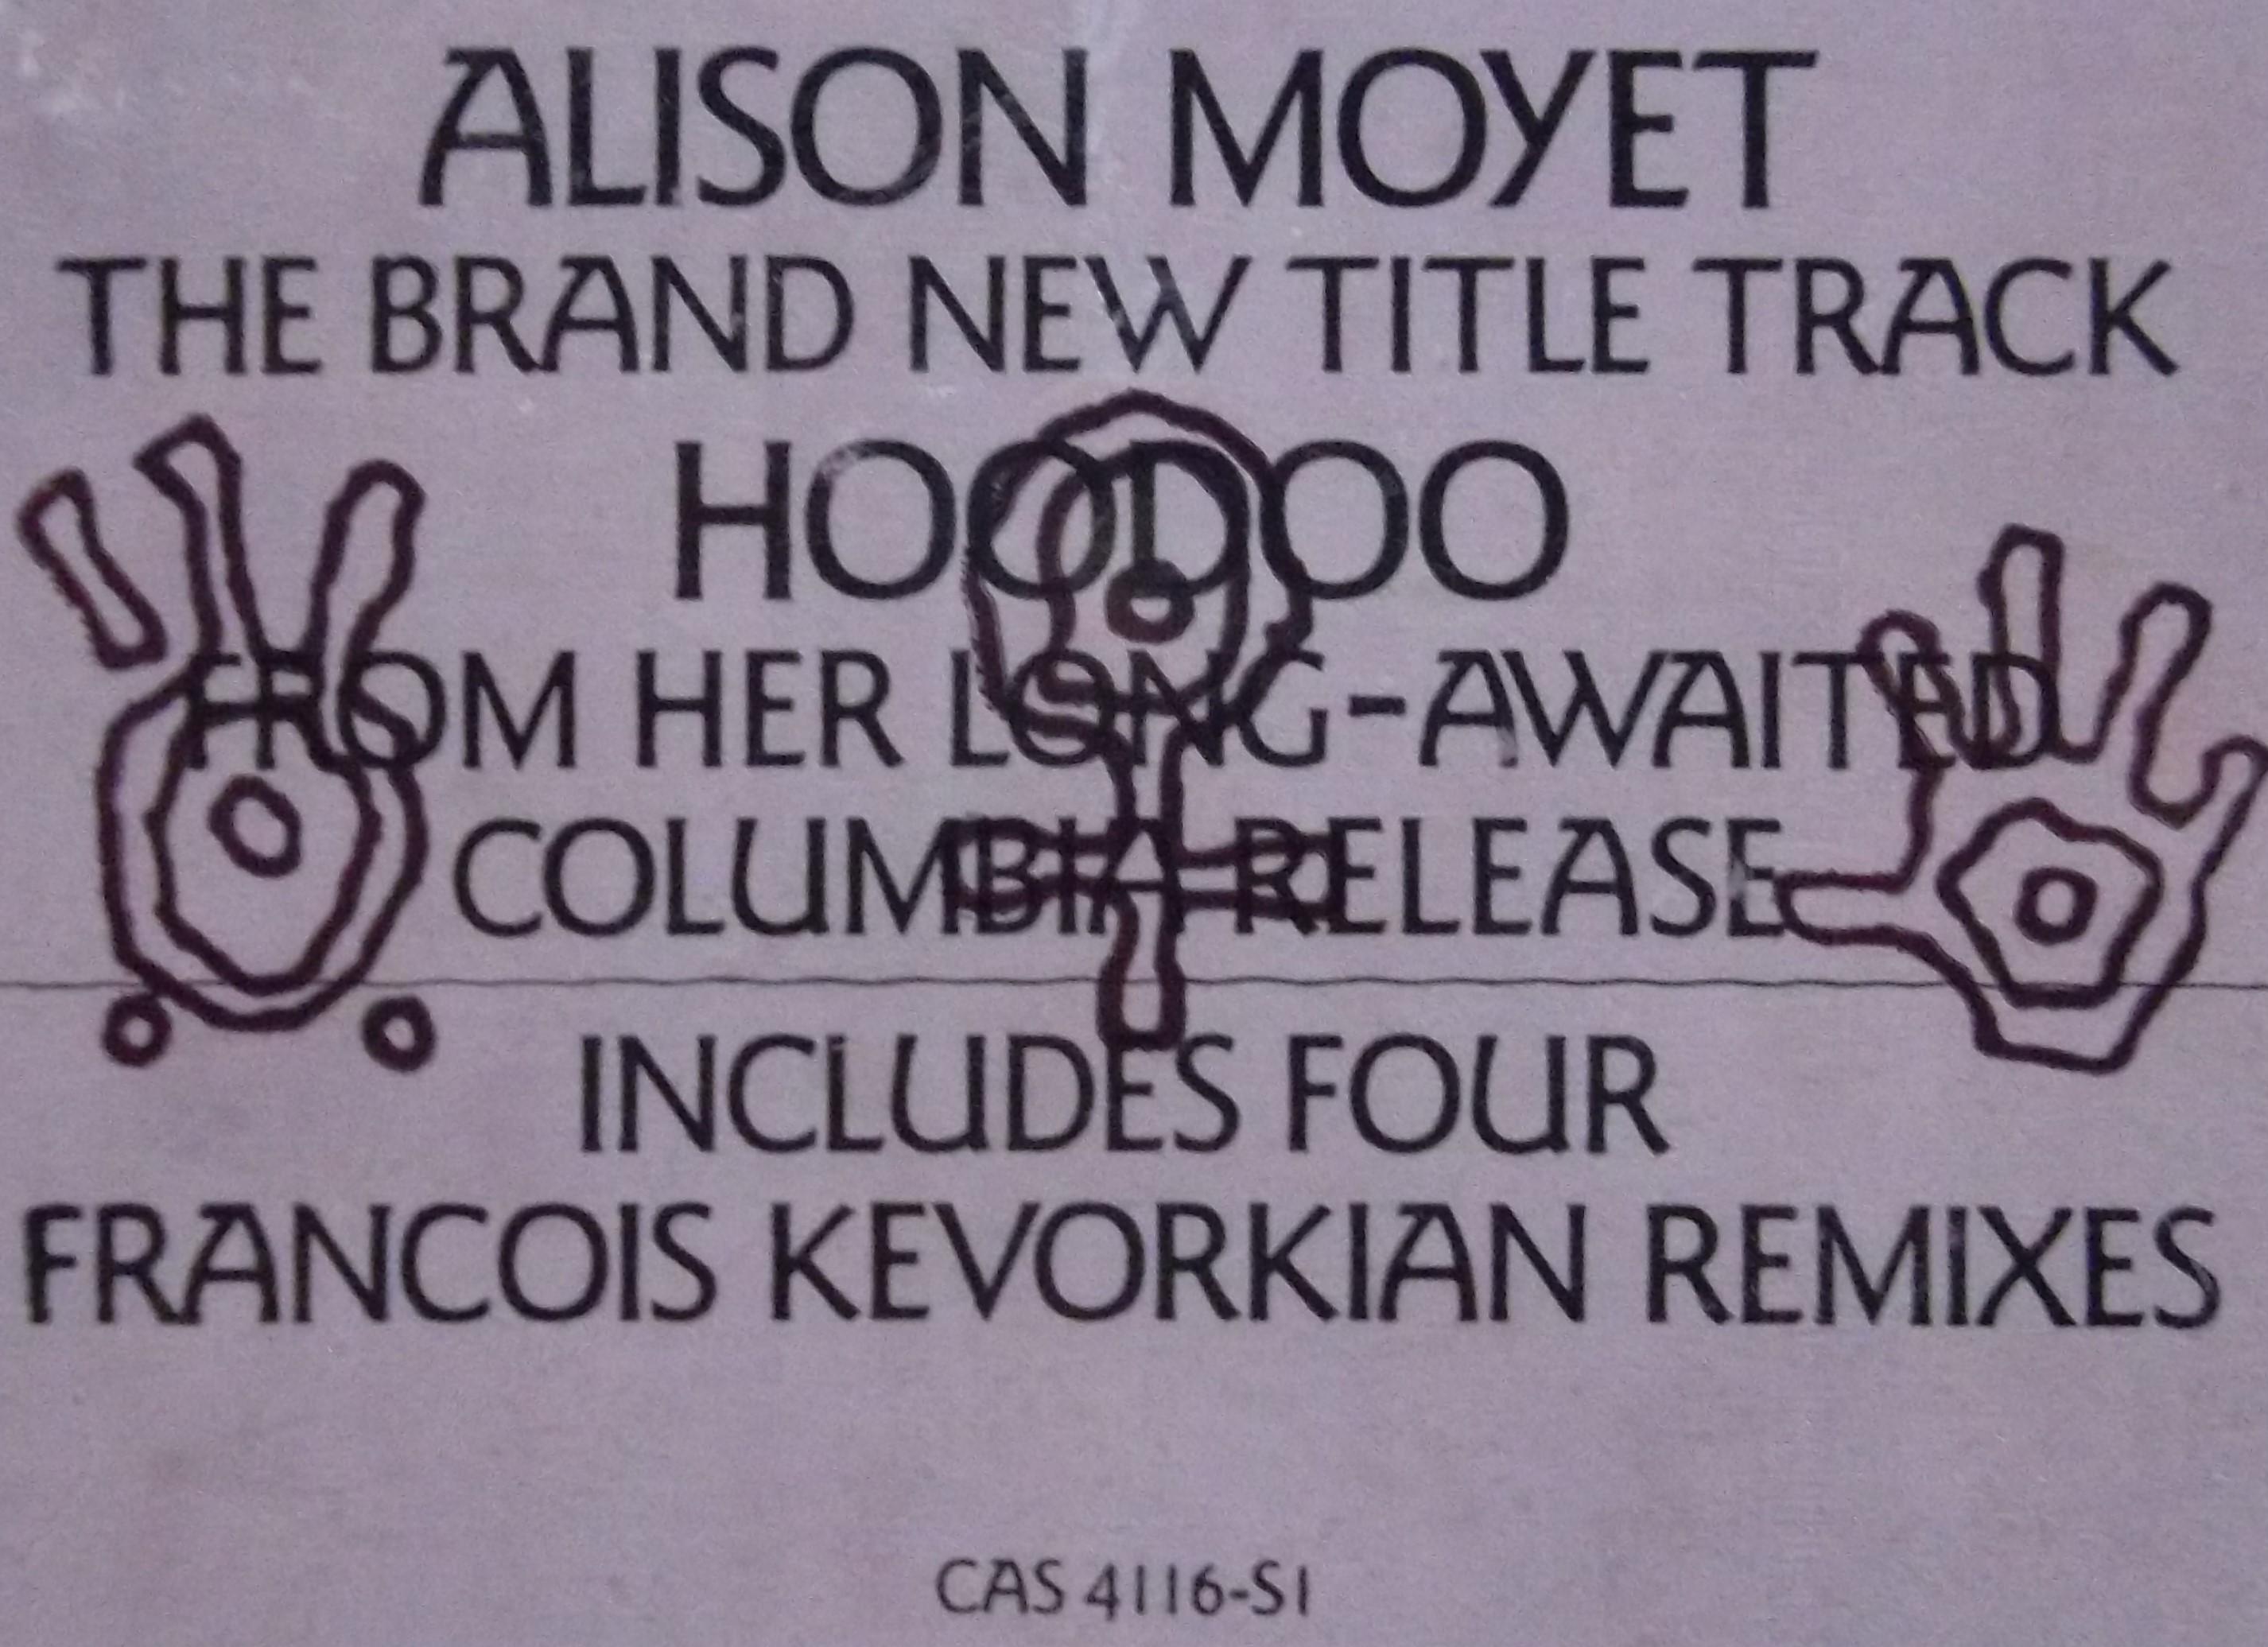 Alison Moyet Hoodoo